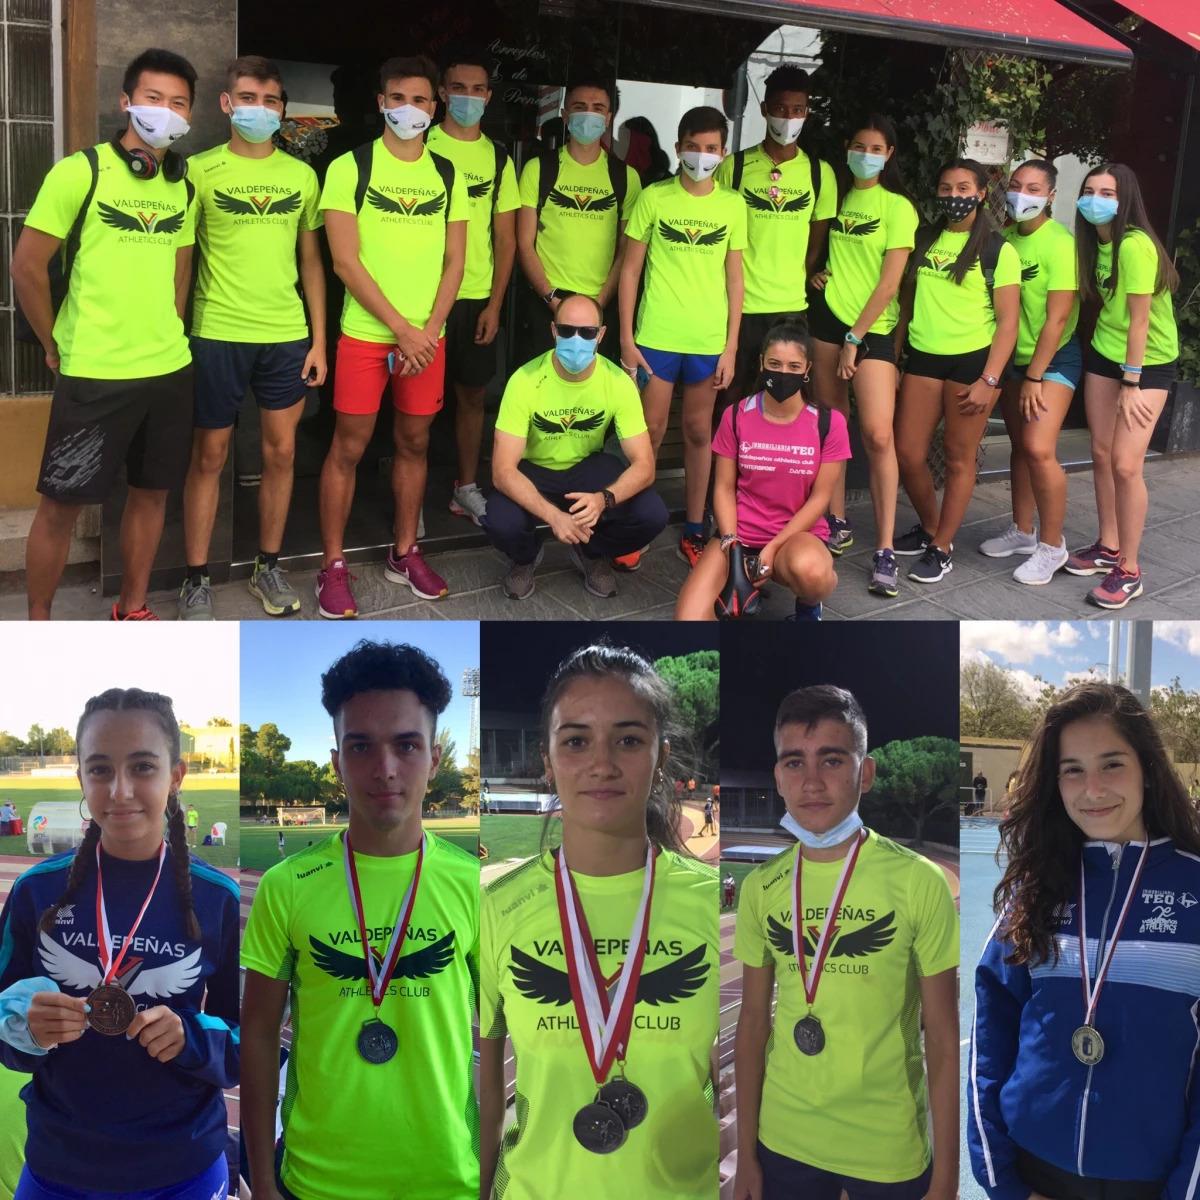 Seis medallas para los atletas del Valdepeñas Athletics Club en la segunda jornada del Campeonato de CLM